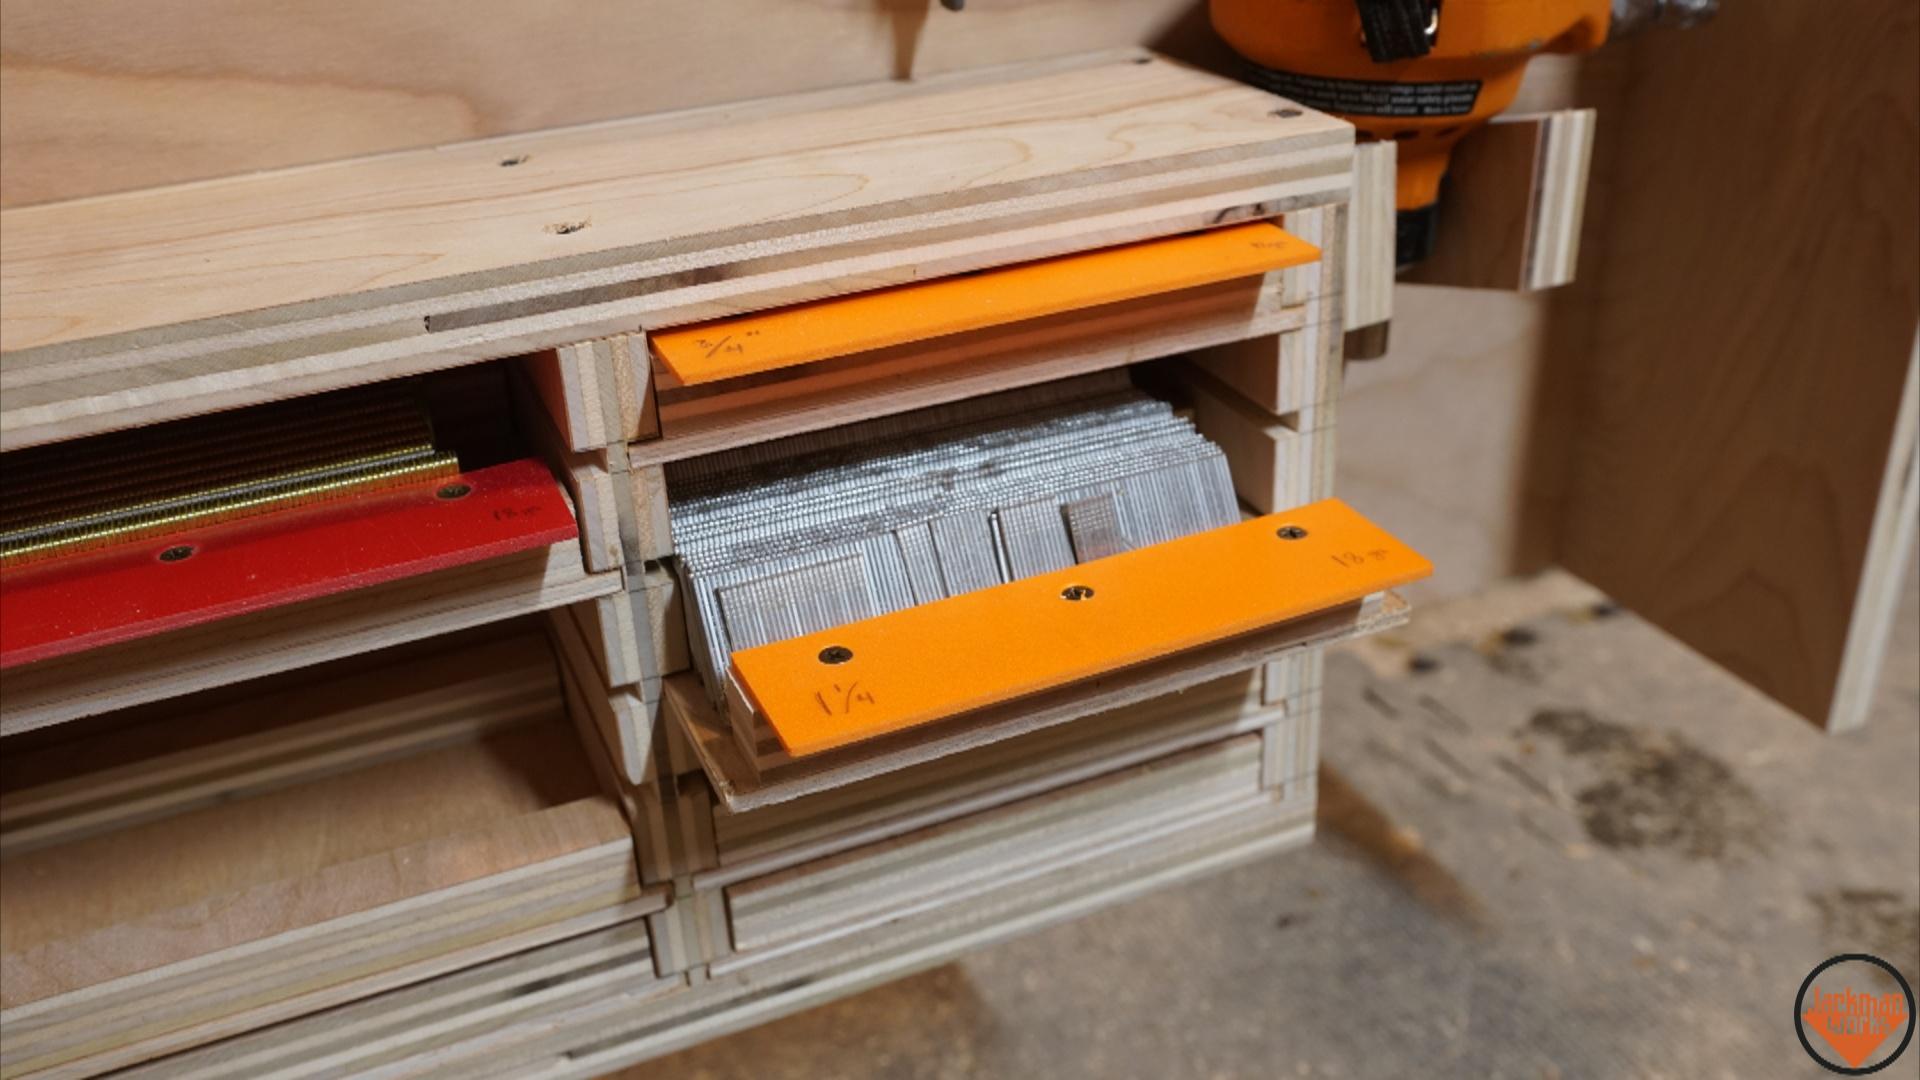 Jackman,jackman Works,miter Saw Station,modular Miter Saw Station,shop  Storage,modular Storage,woodworking,wood,miter Saw Table,mitre Saw Station,miter  Saw ...